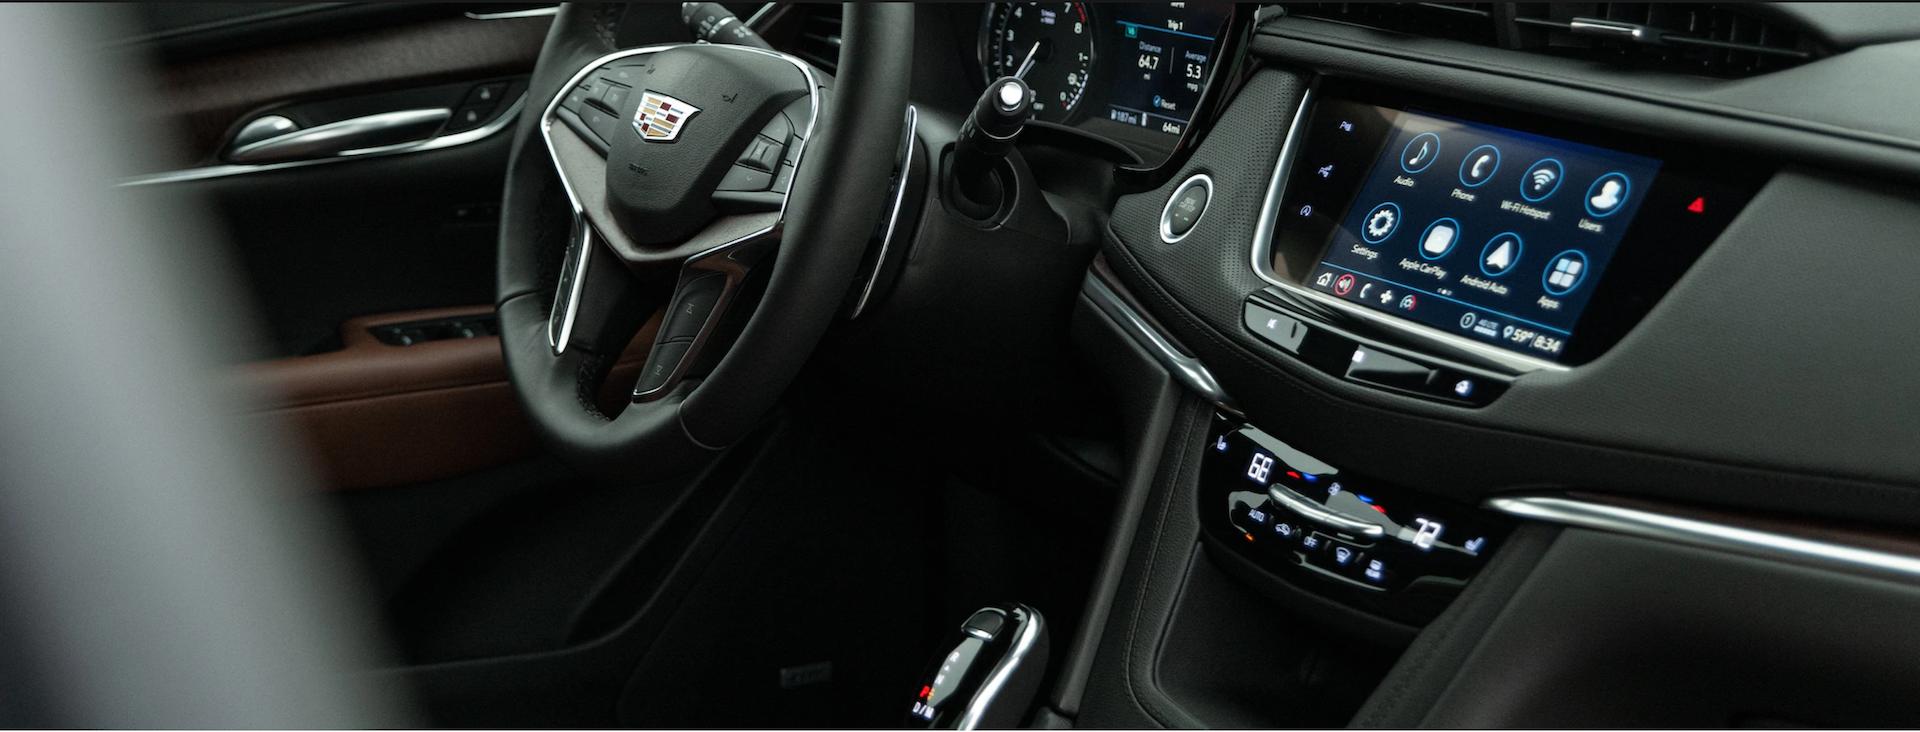 Photo of the 2021 Cadillac XT5 interior